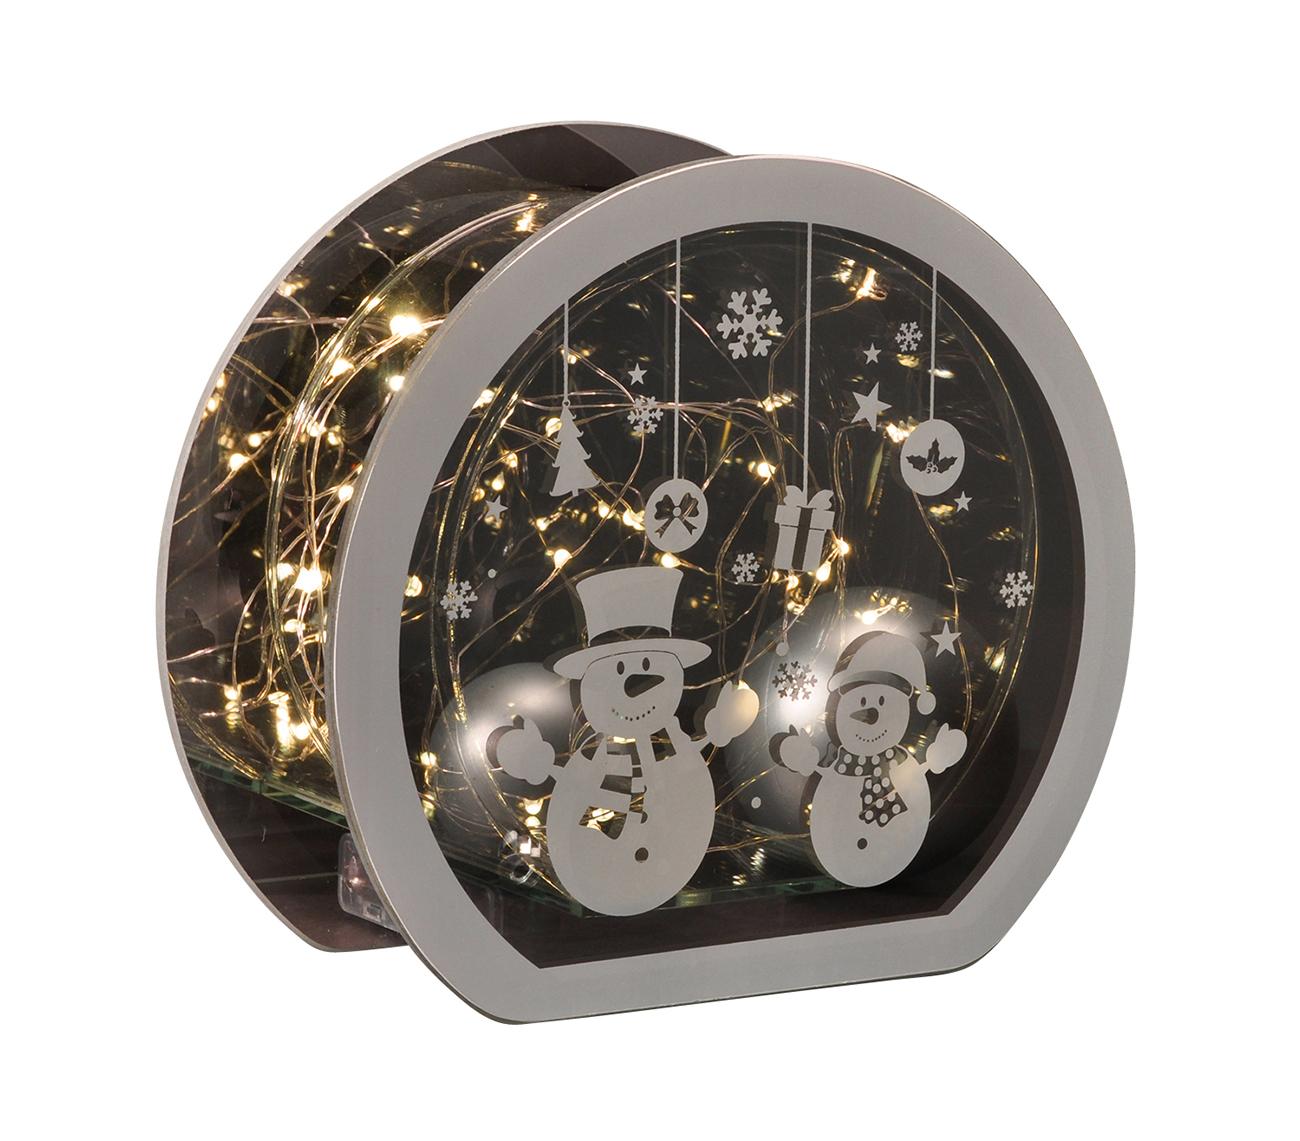 weihnachtsdeko mit led beleuchtung aus glas lichterkette endlos spiegeleffekt m bel wohnen. Black Bedroom Furniture Sets. Home Design Ideas